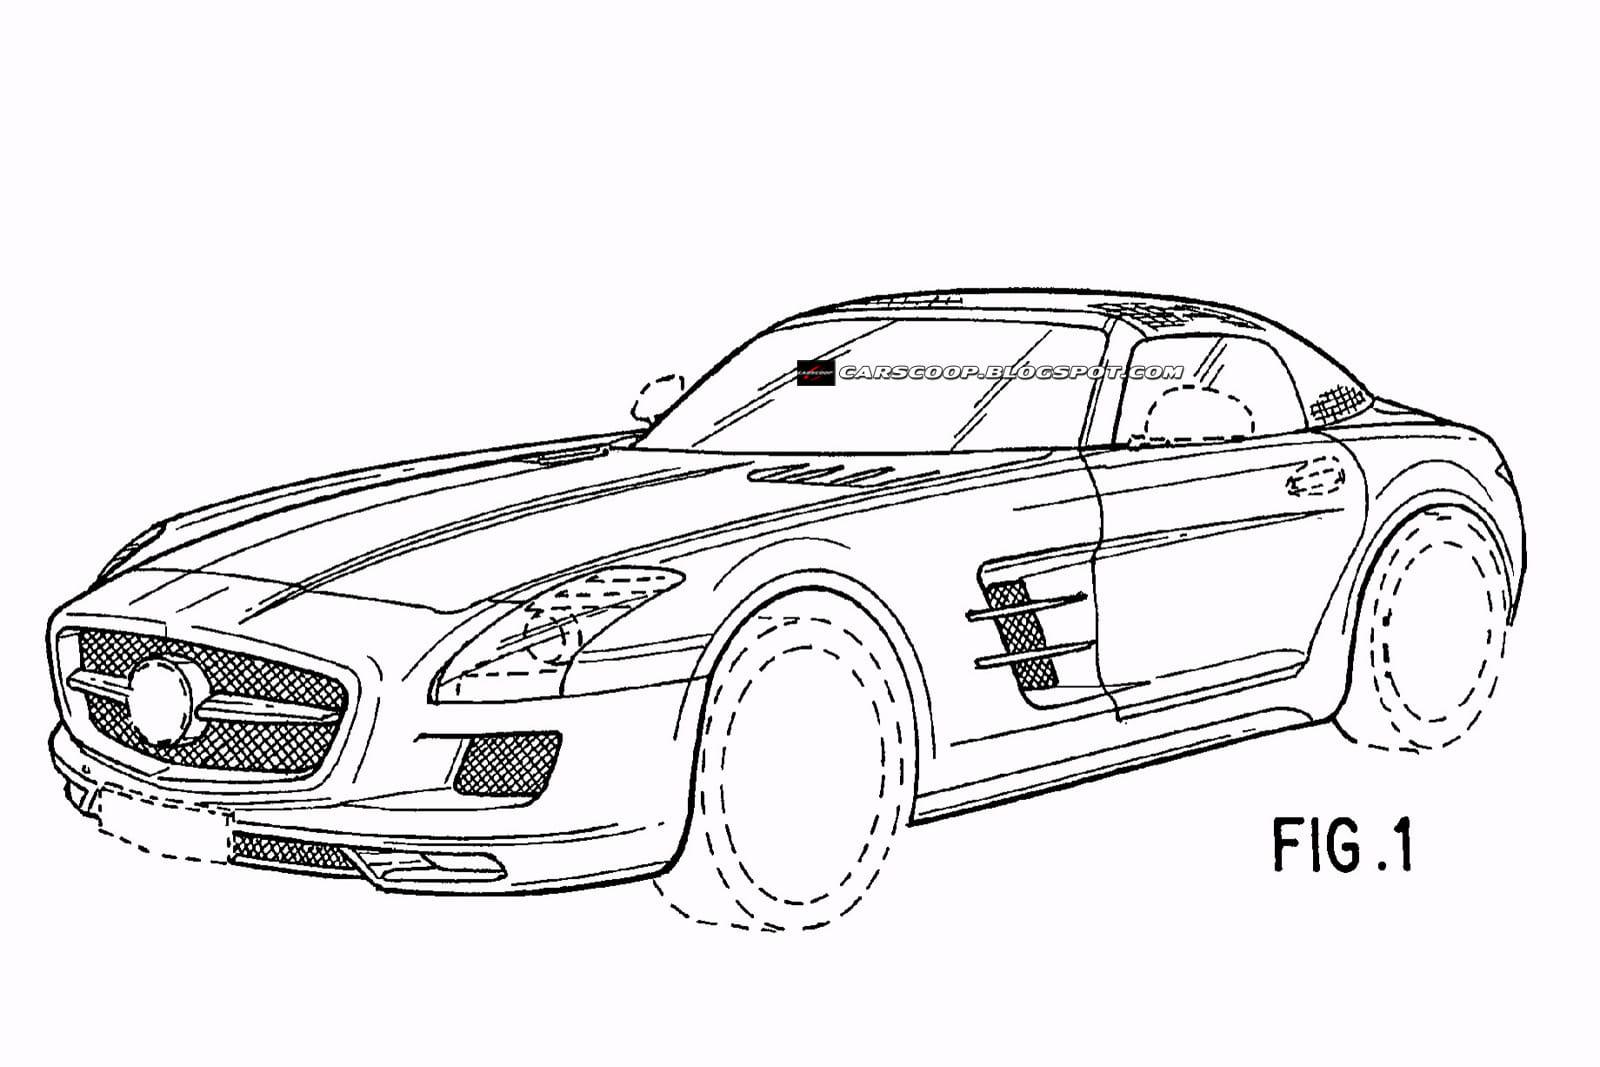 Mercedes Sls Amg Roadster Bocetos De Diseno Foto 11 De 12